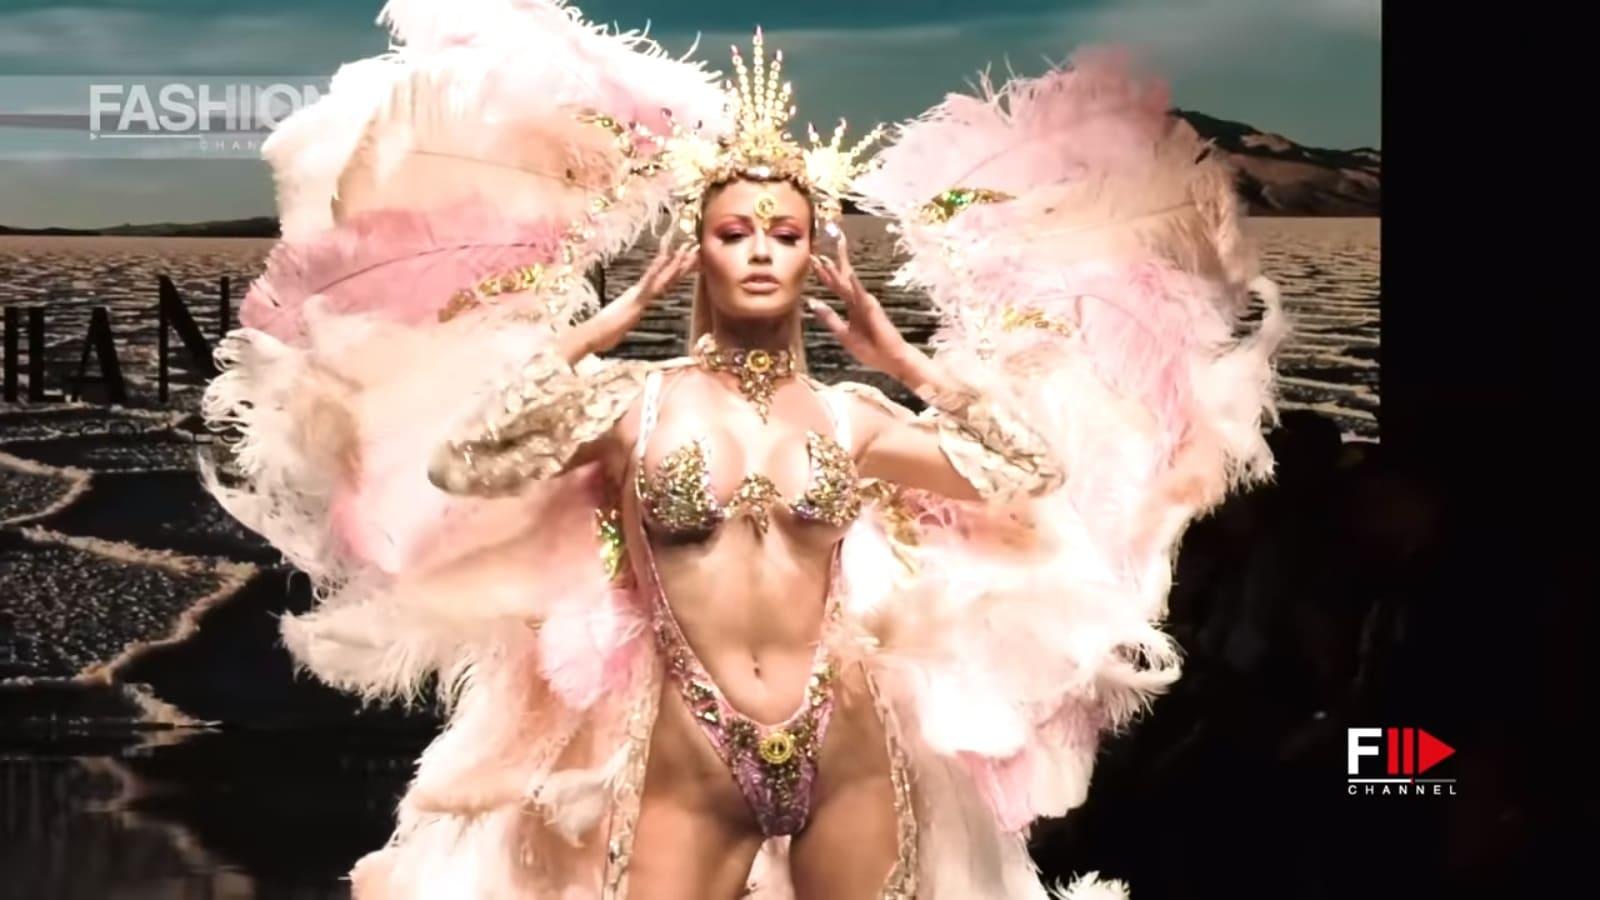 リオのカーニバル的ファッションショー